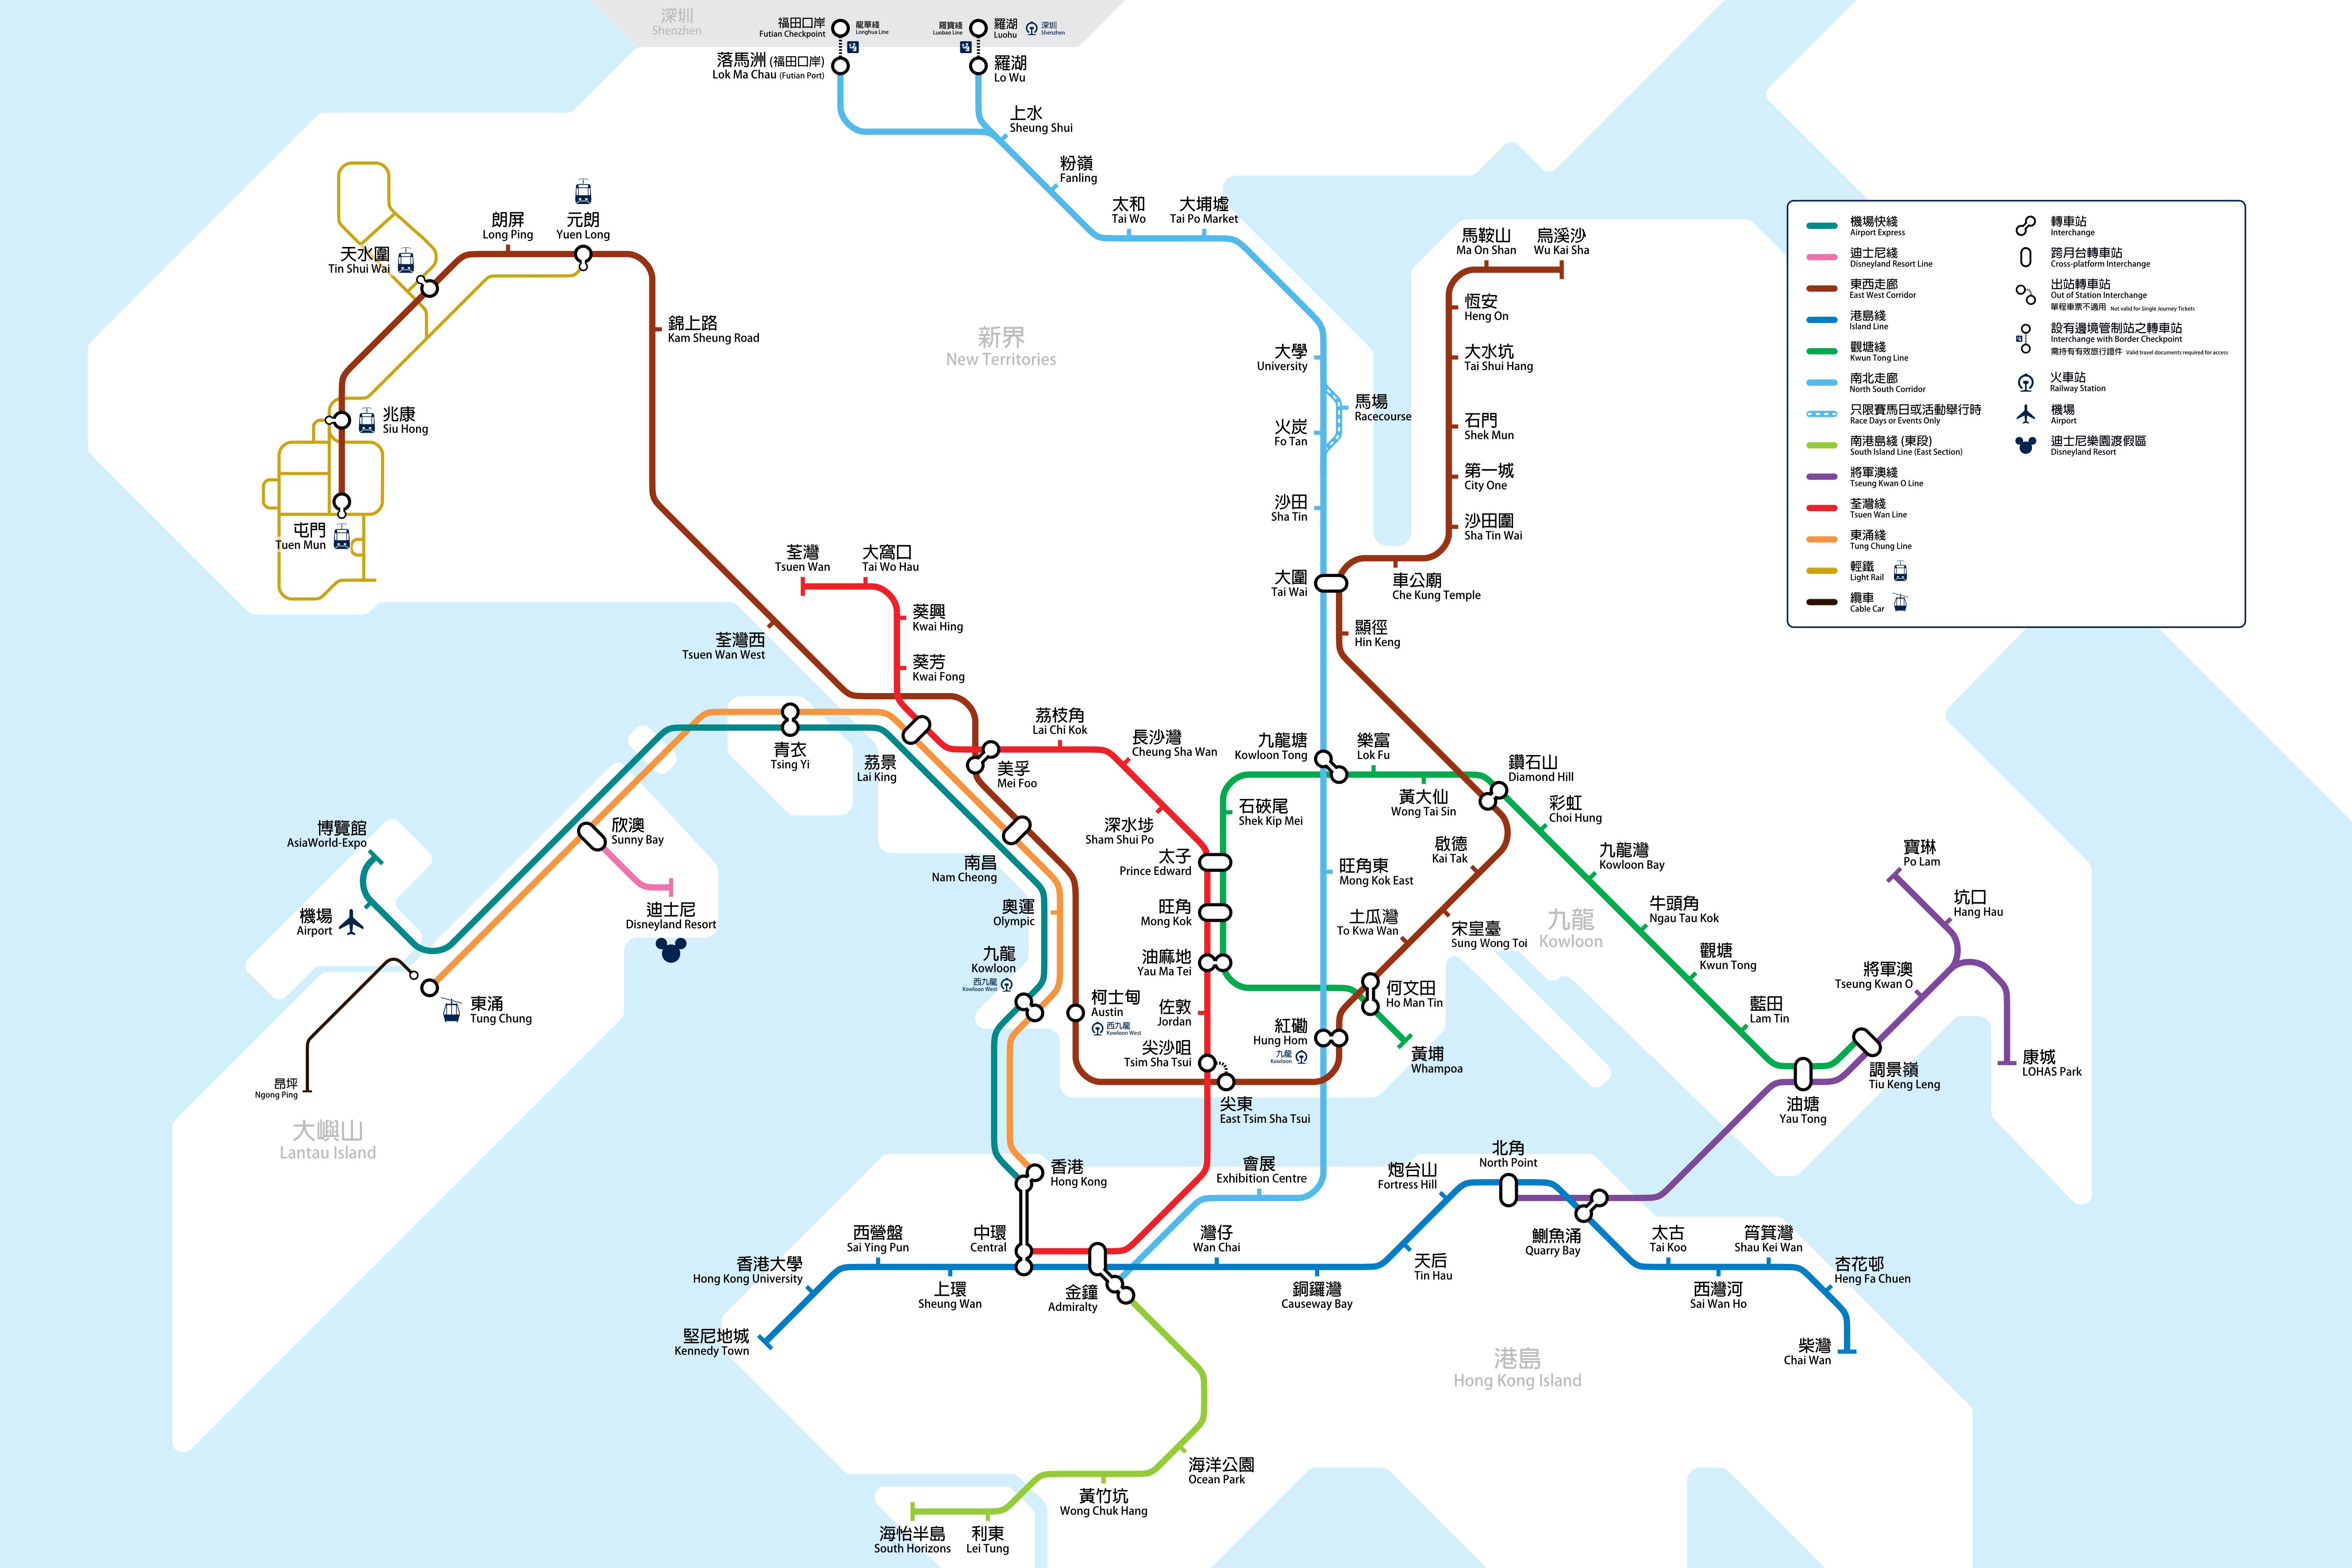 MTR Hong Kong subway